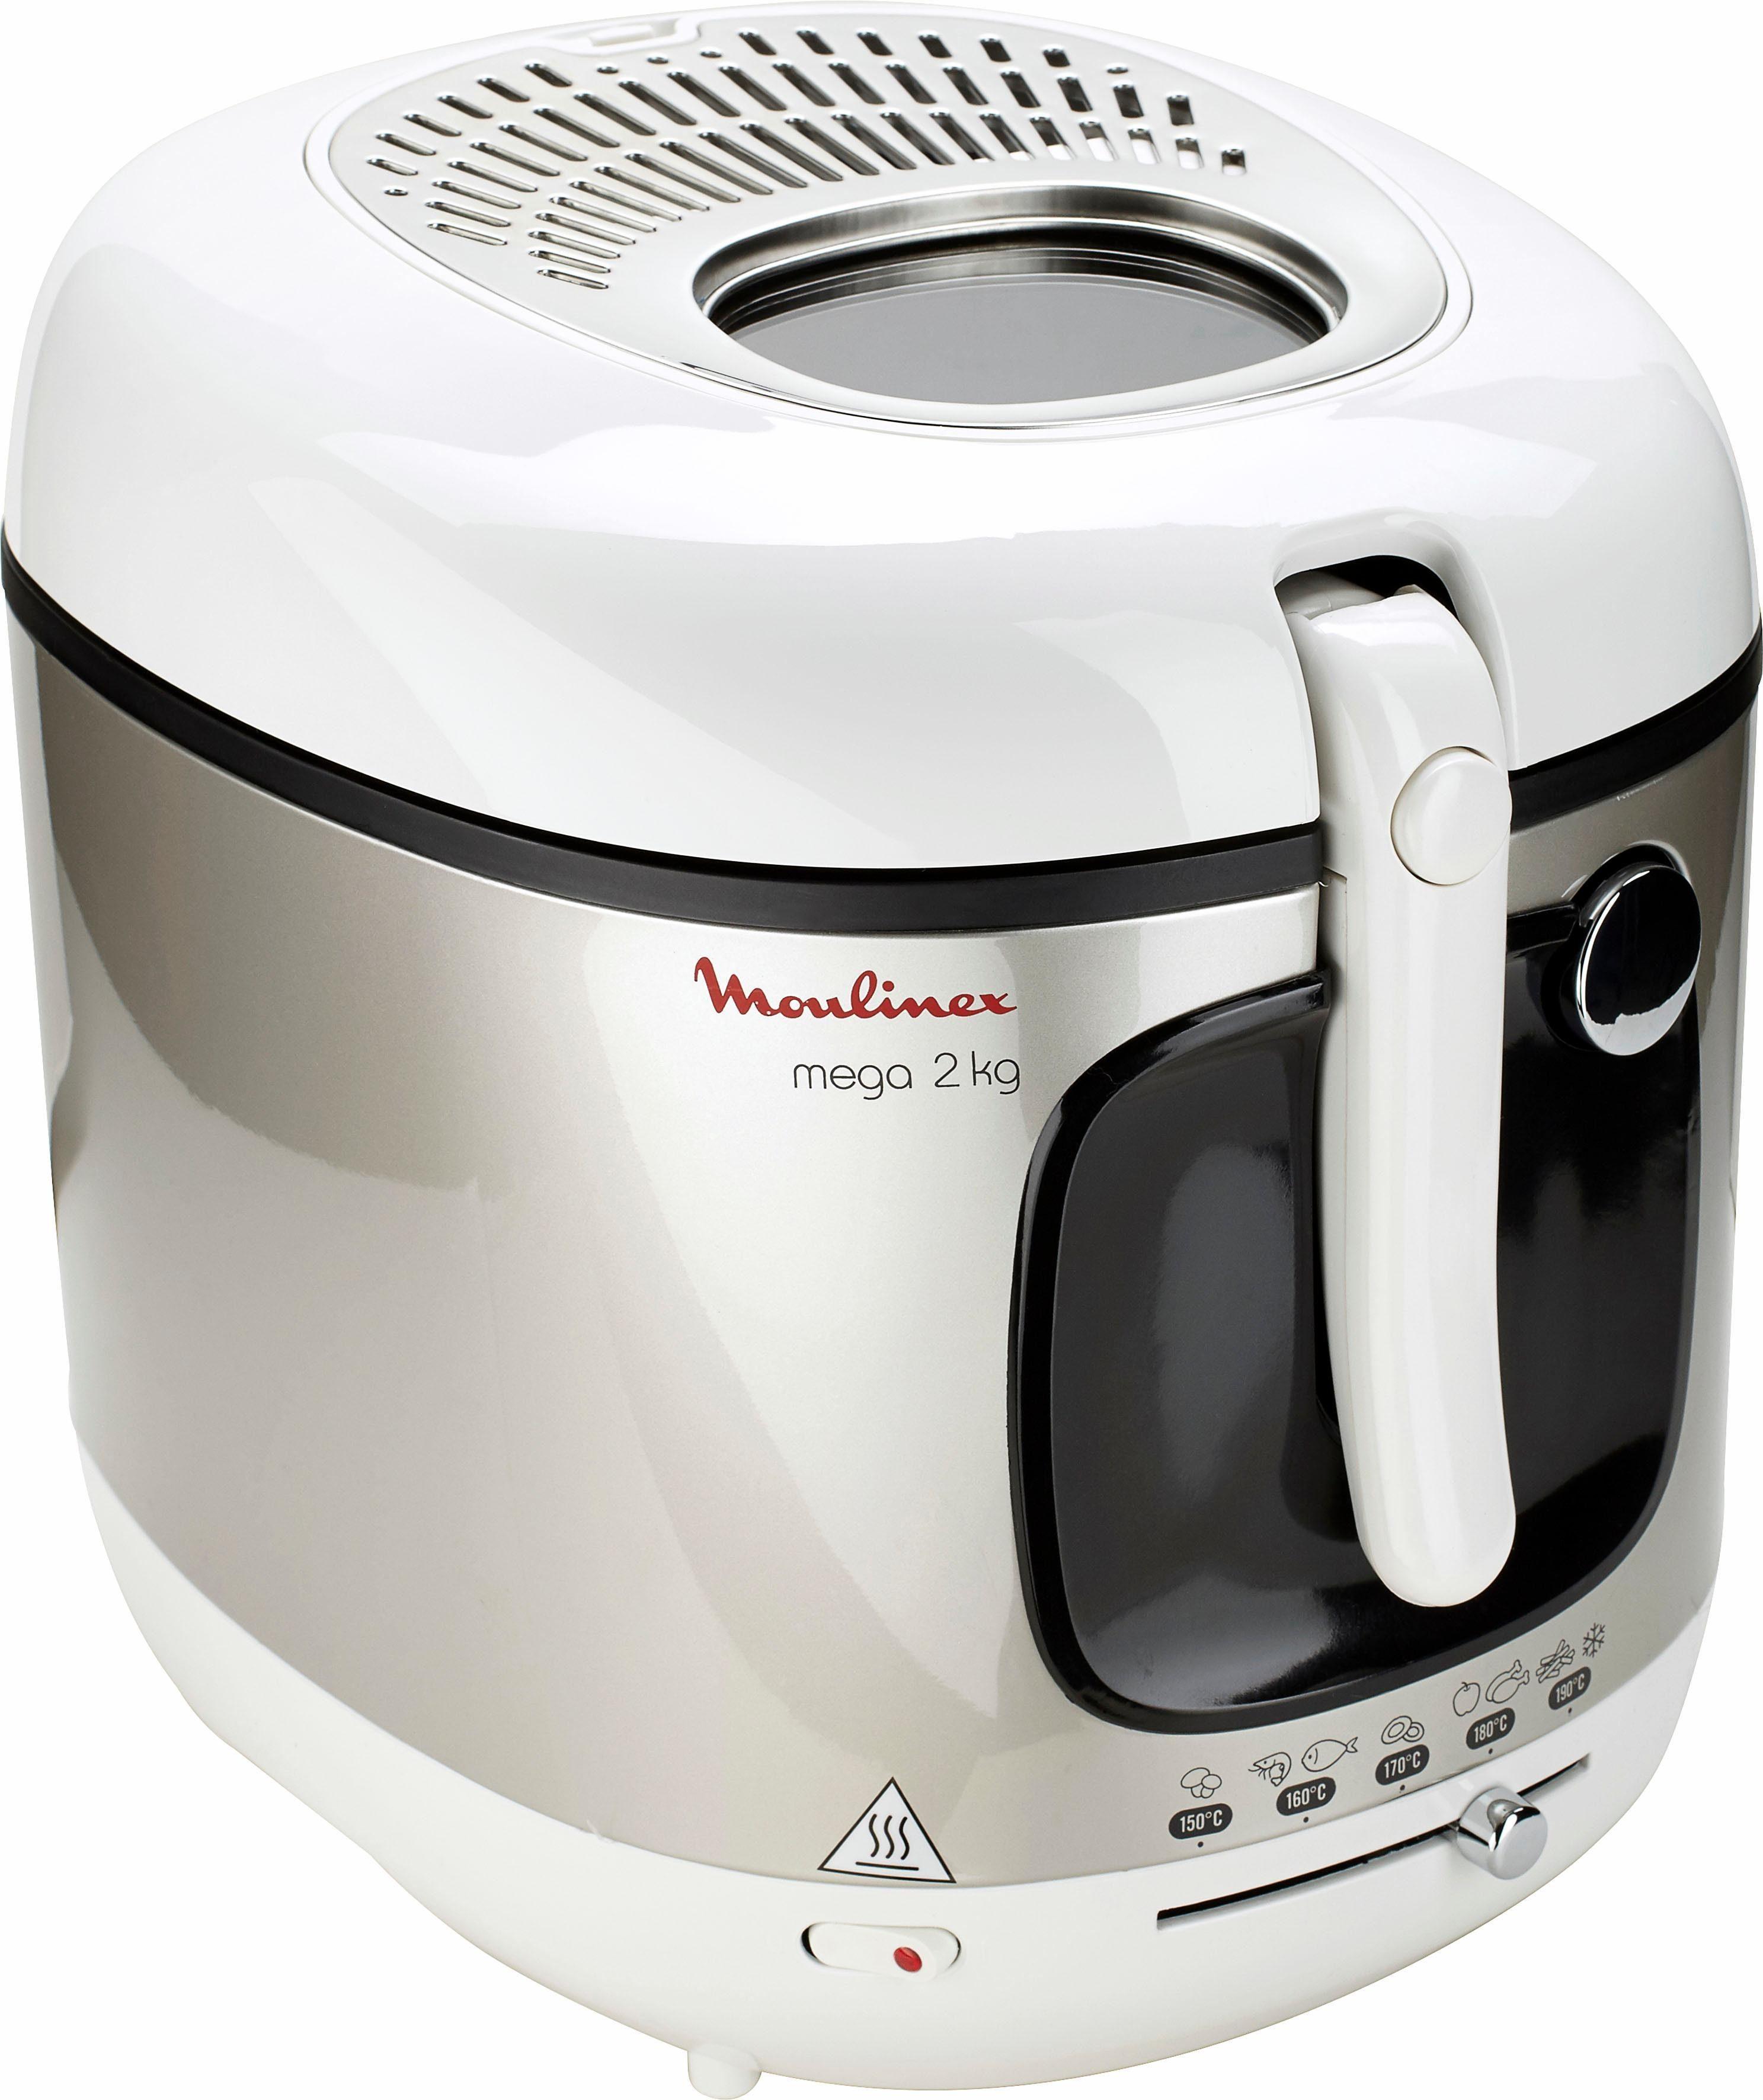 Moulinex Fritteuse Mega AM4800, 2100 Watt, 2 kg Frittiergut